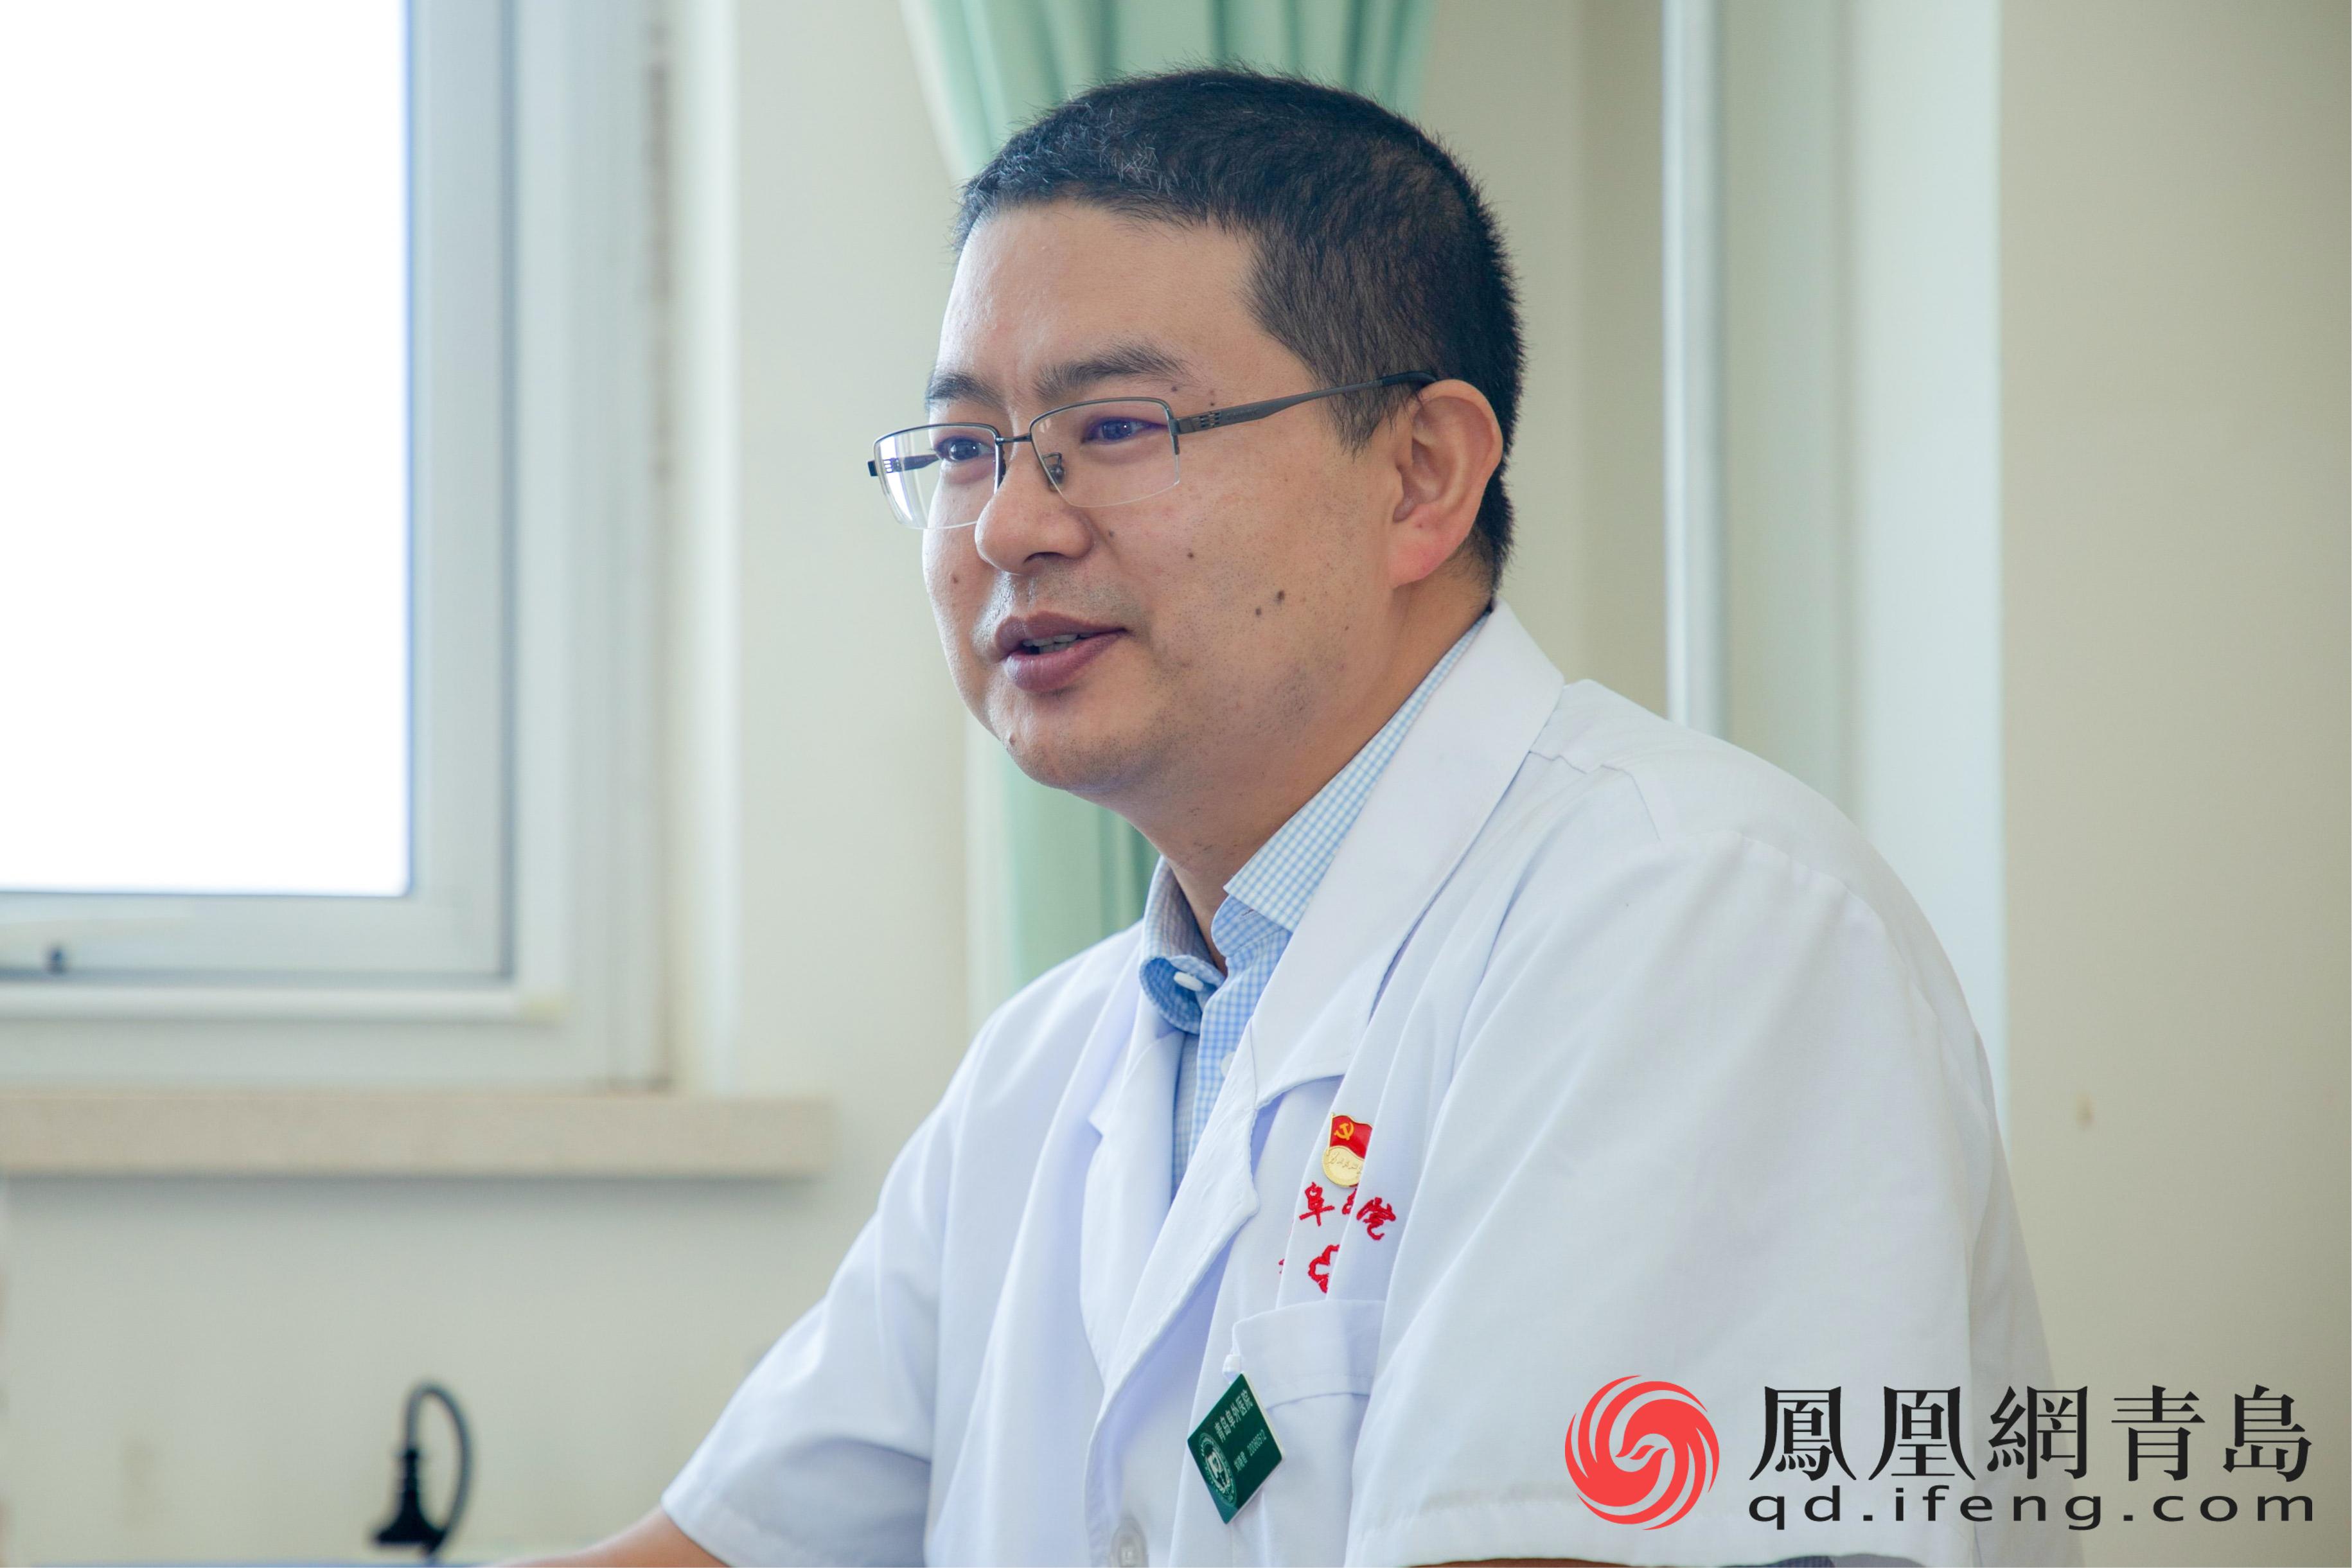 青岛阜外医院副院长、心外科专家刘晓君:精研医术,医者仁心,点亮生命之光!